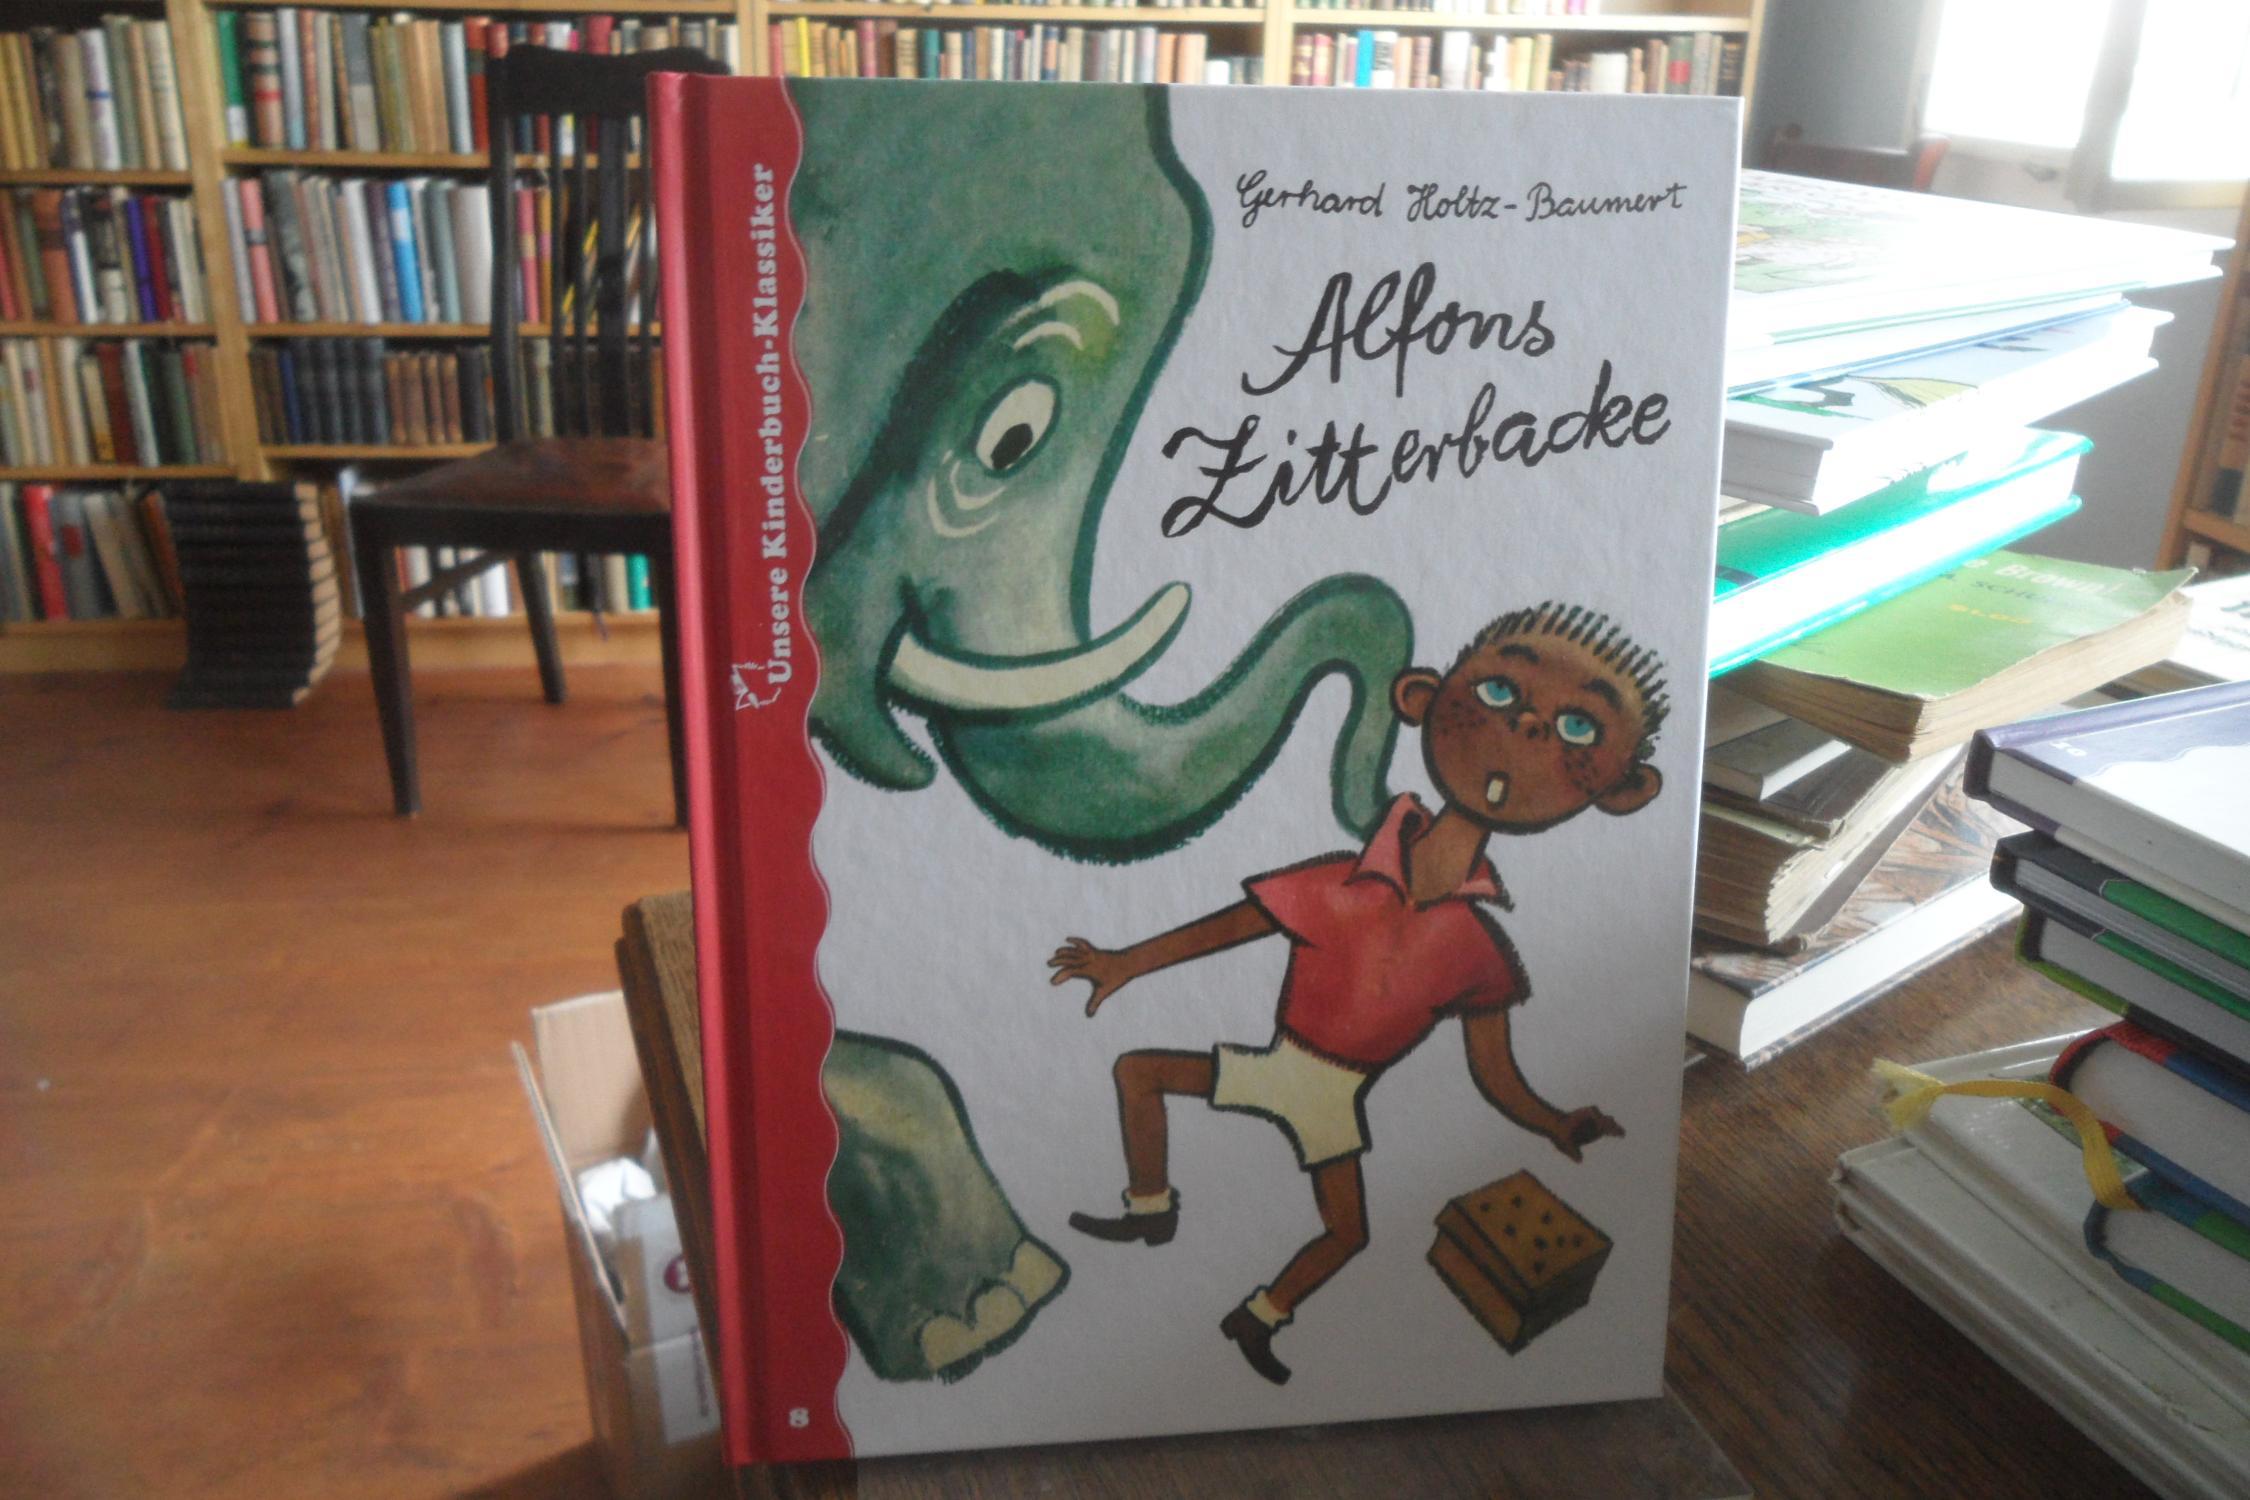 Alfons Zitterbacke. Die heiteren Geschichten eines Pechvogels.: Holtz-Baumert, Gerhard: